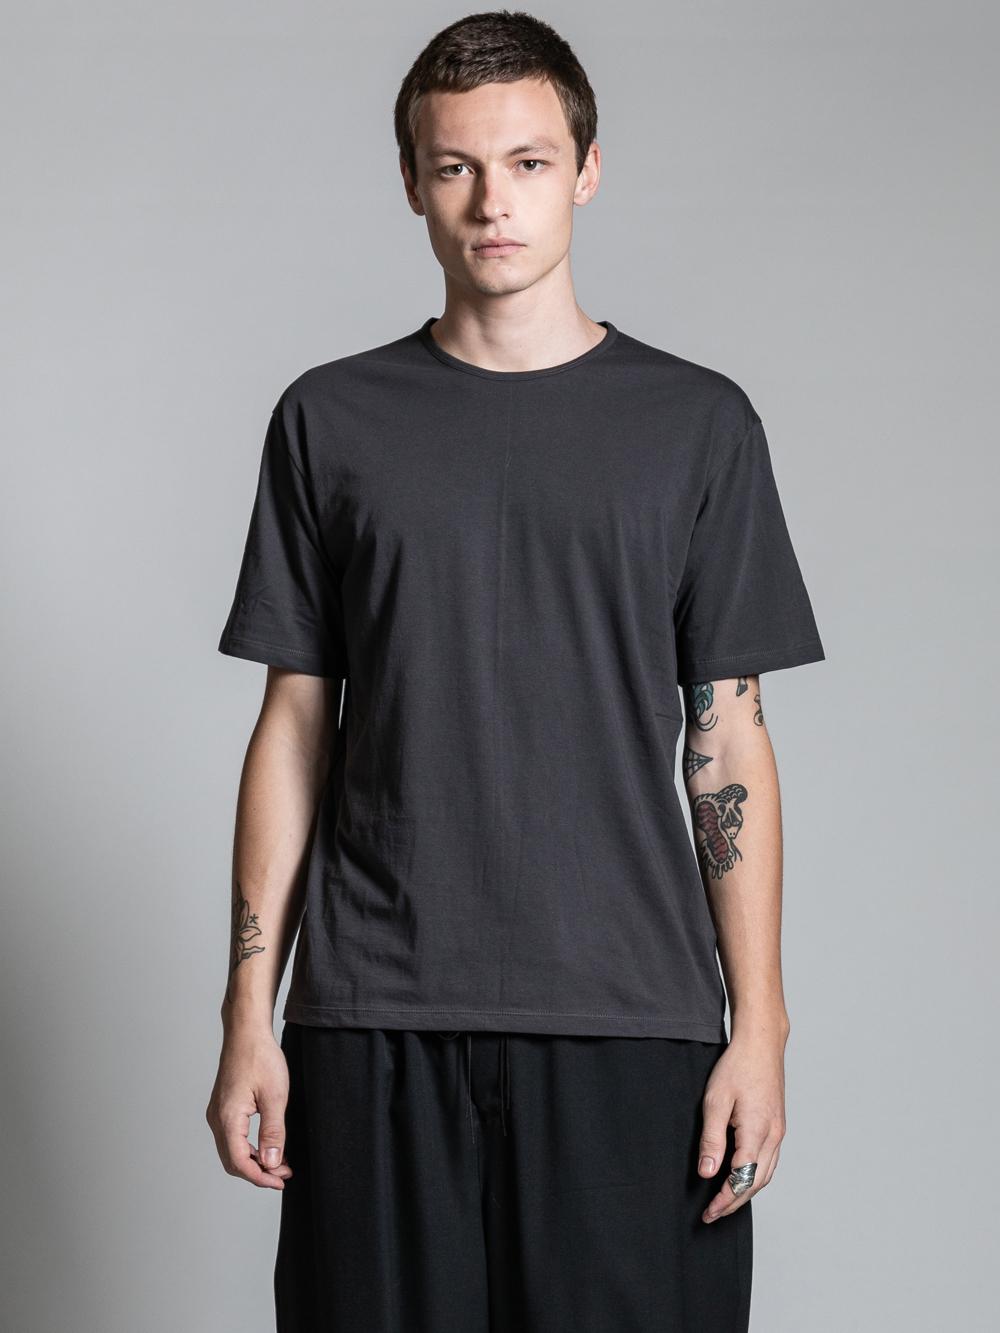 VI-ST-001-01 / 直営店限定 配色ステッチ半袖Tシャツ